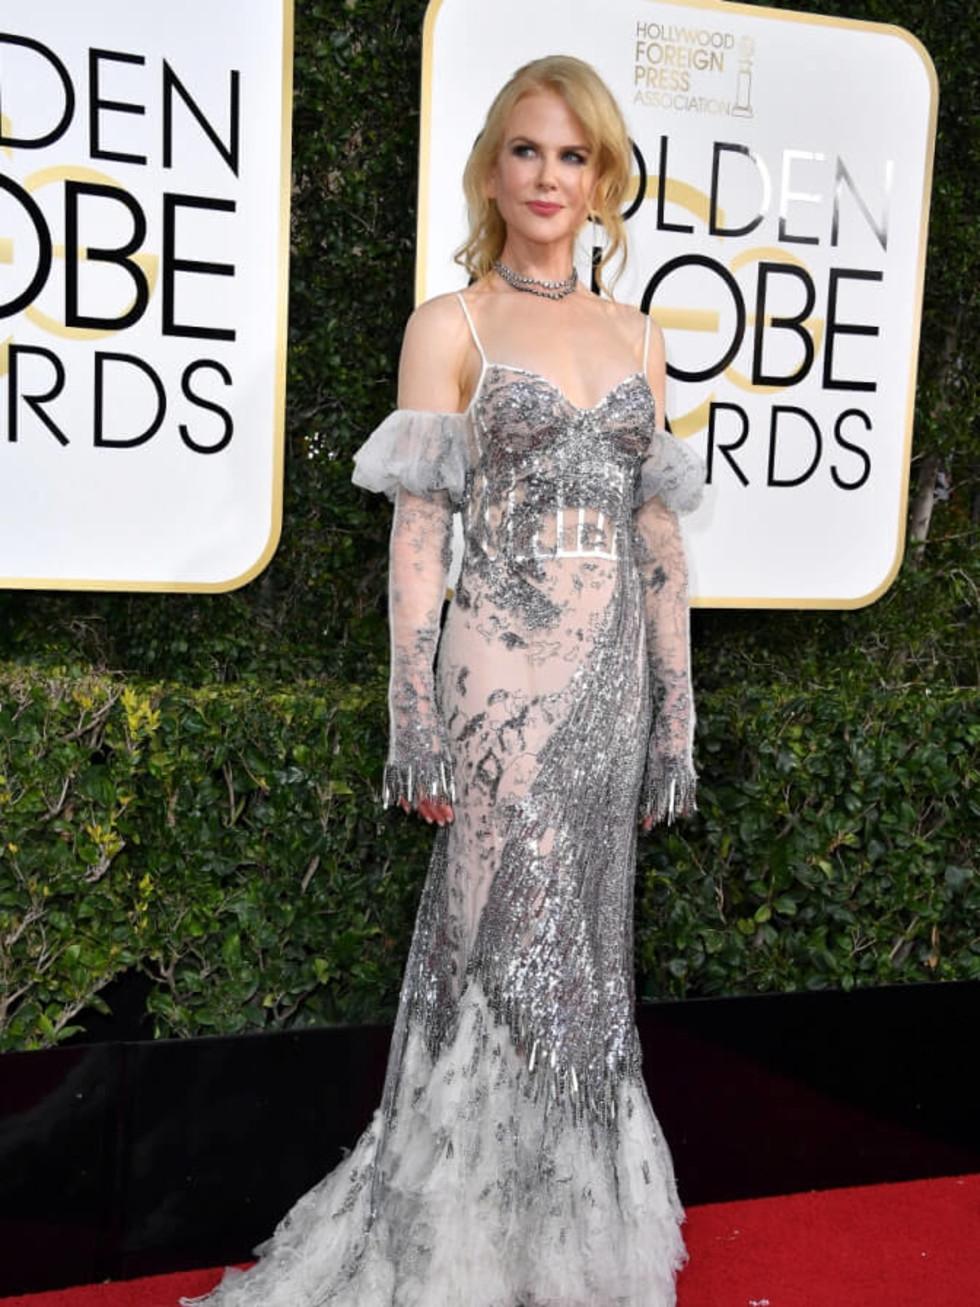 Nicole Kidman in Alexander McQueen at Golden Globe